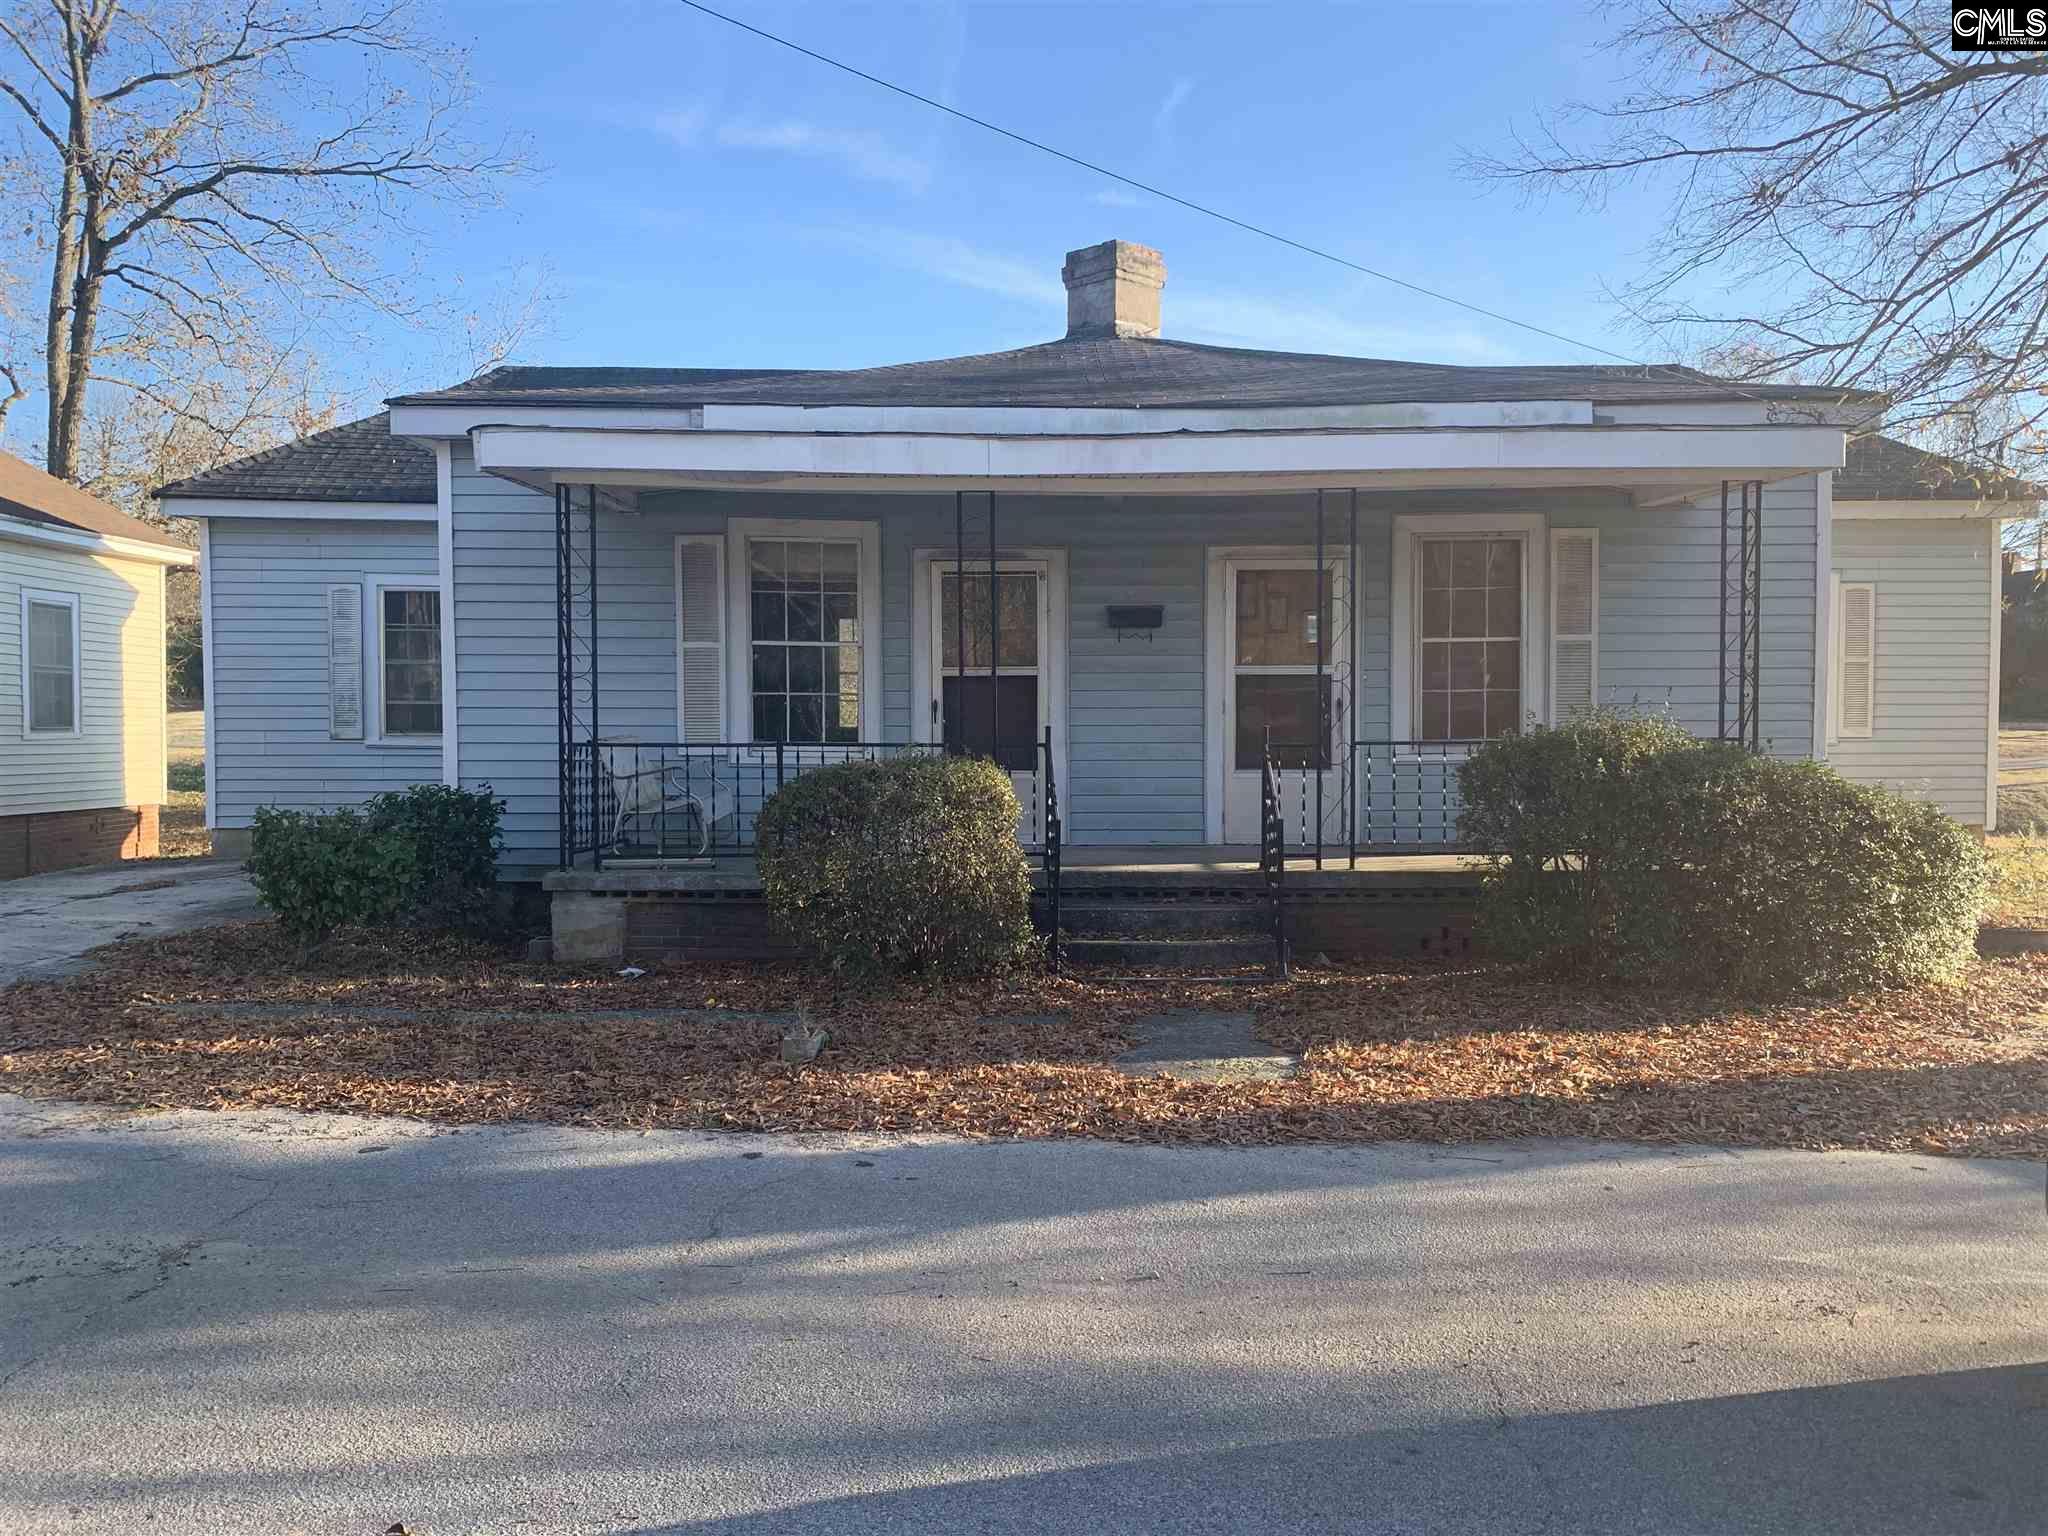 810 Boyd Newberry, SC 29108